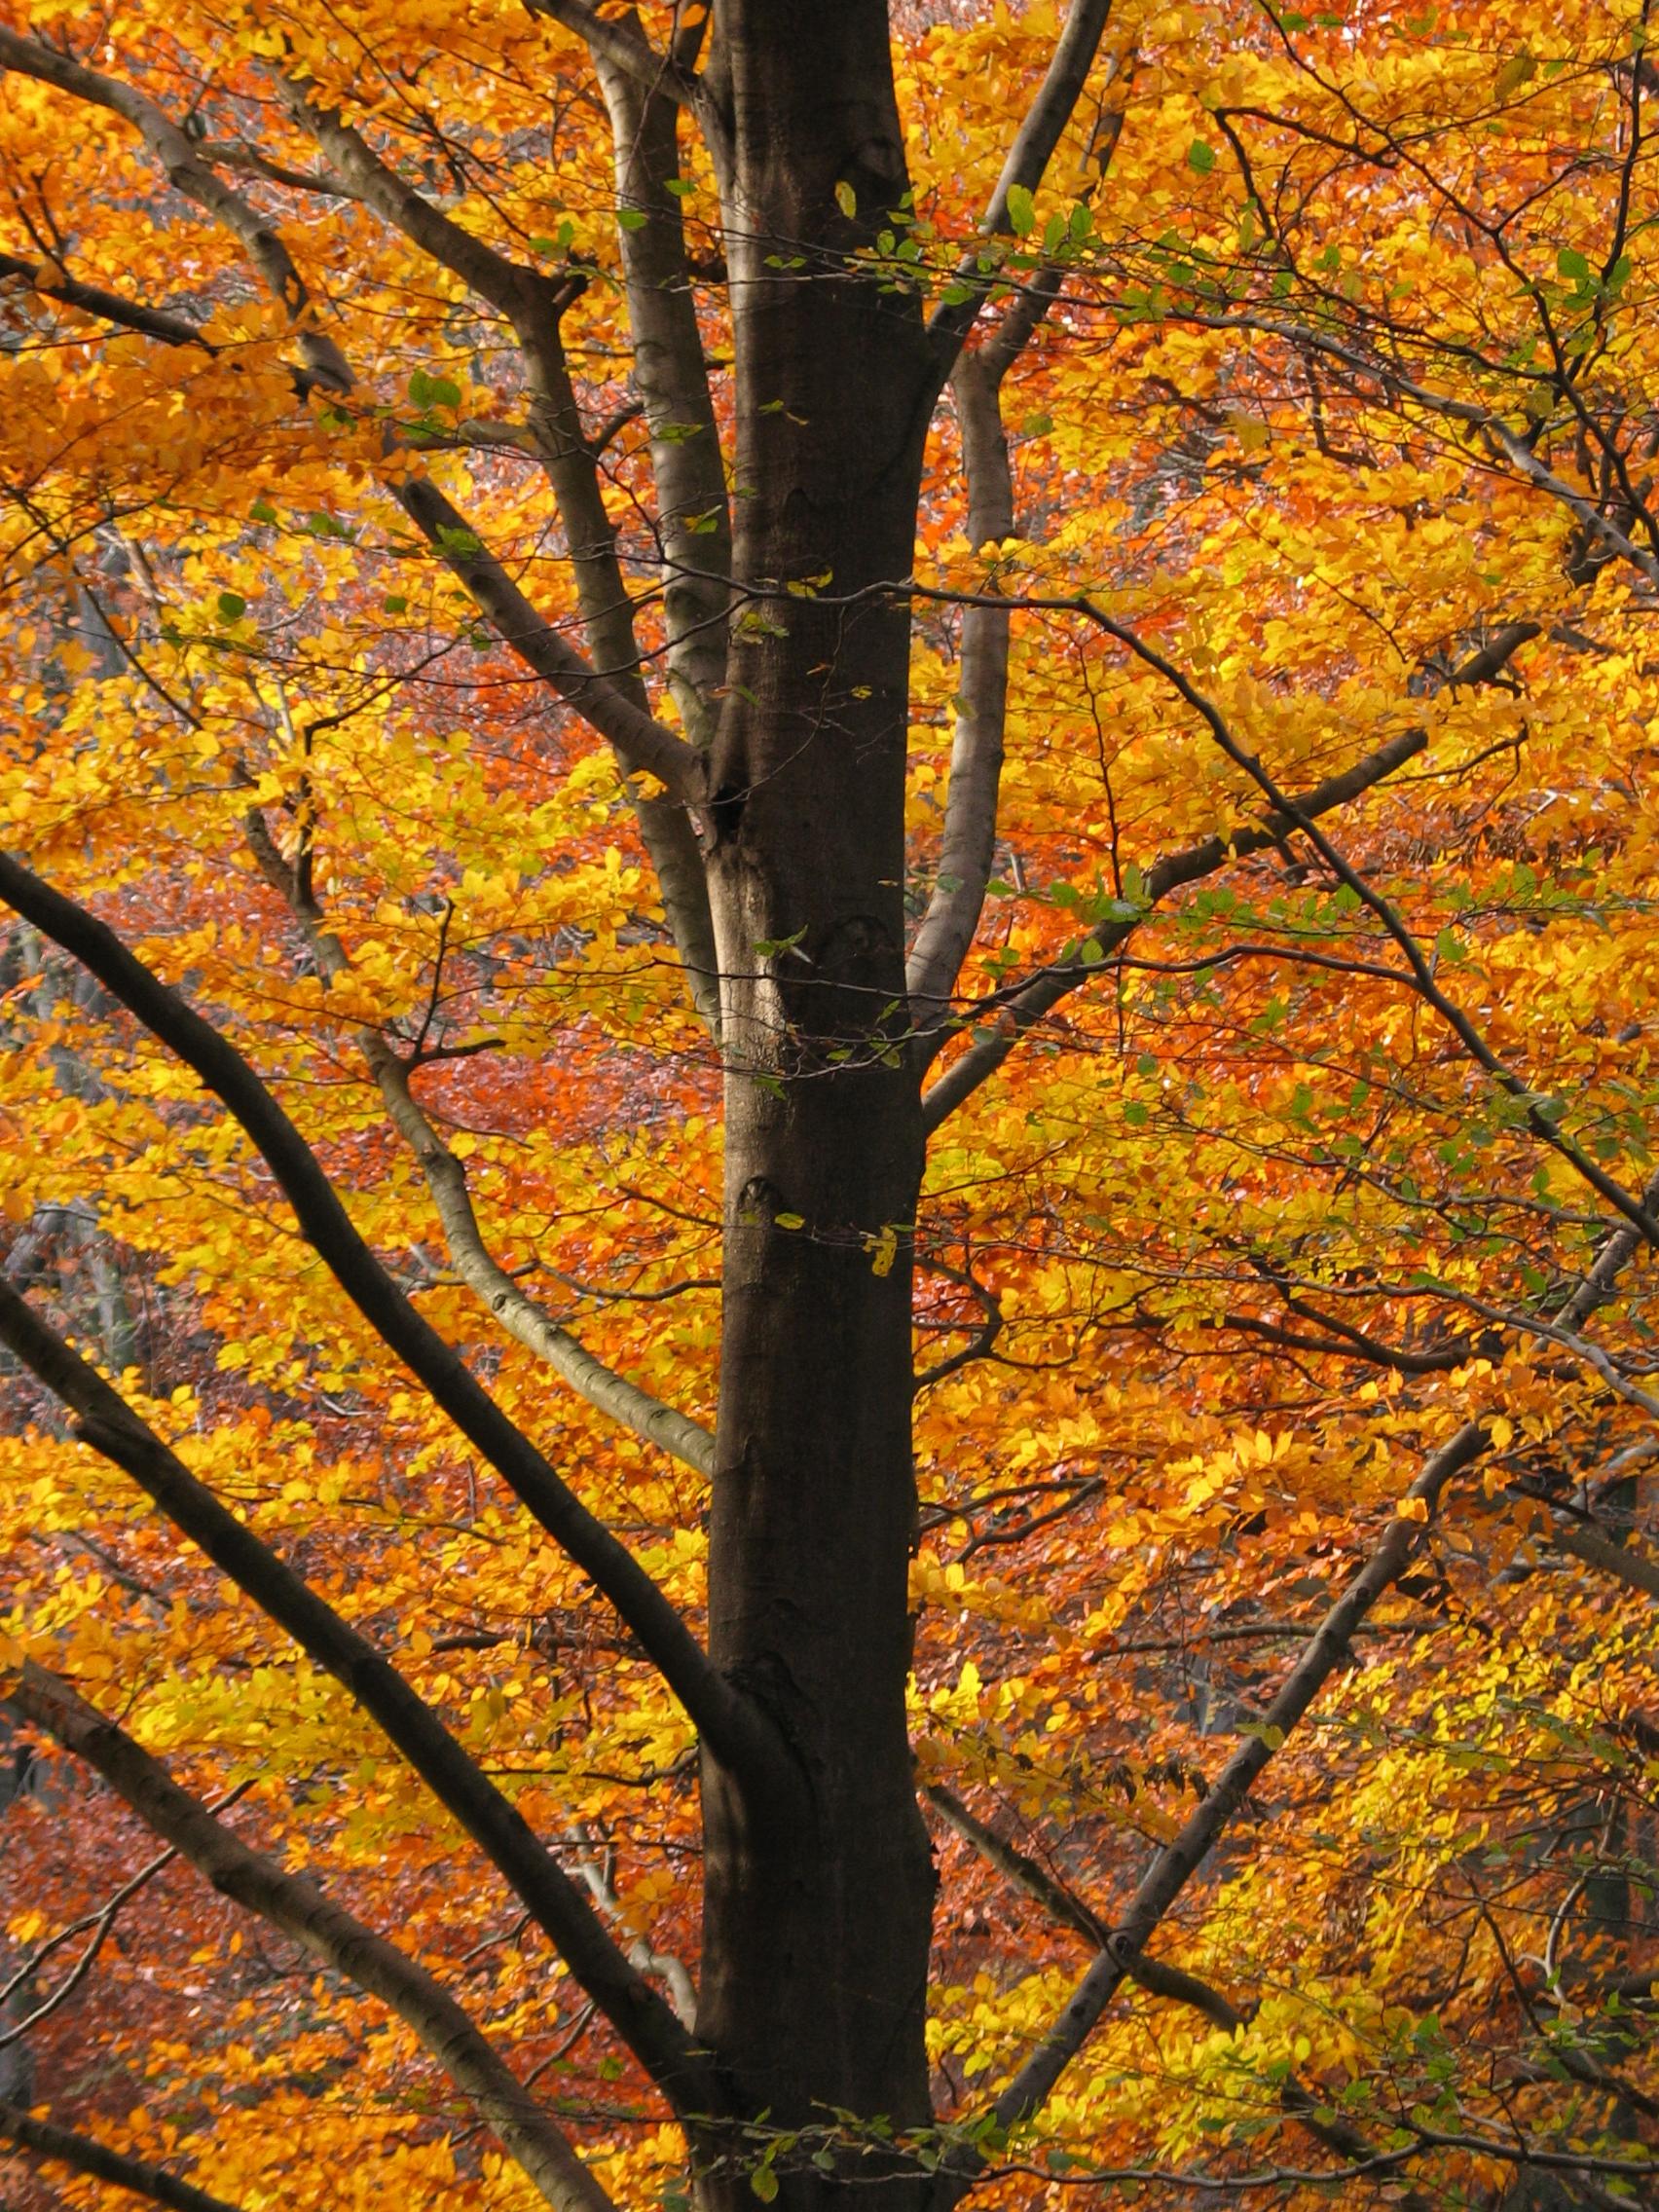 geoff_vane autumn tree red leaves